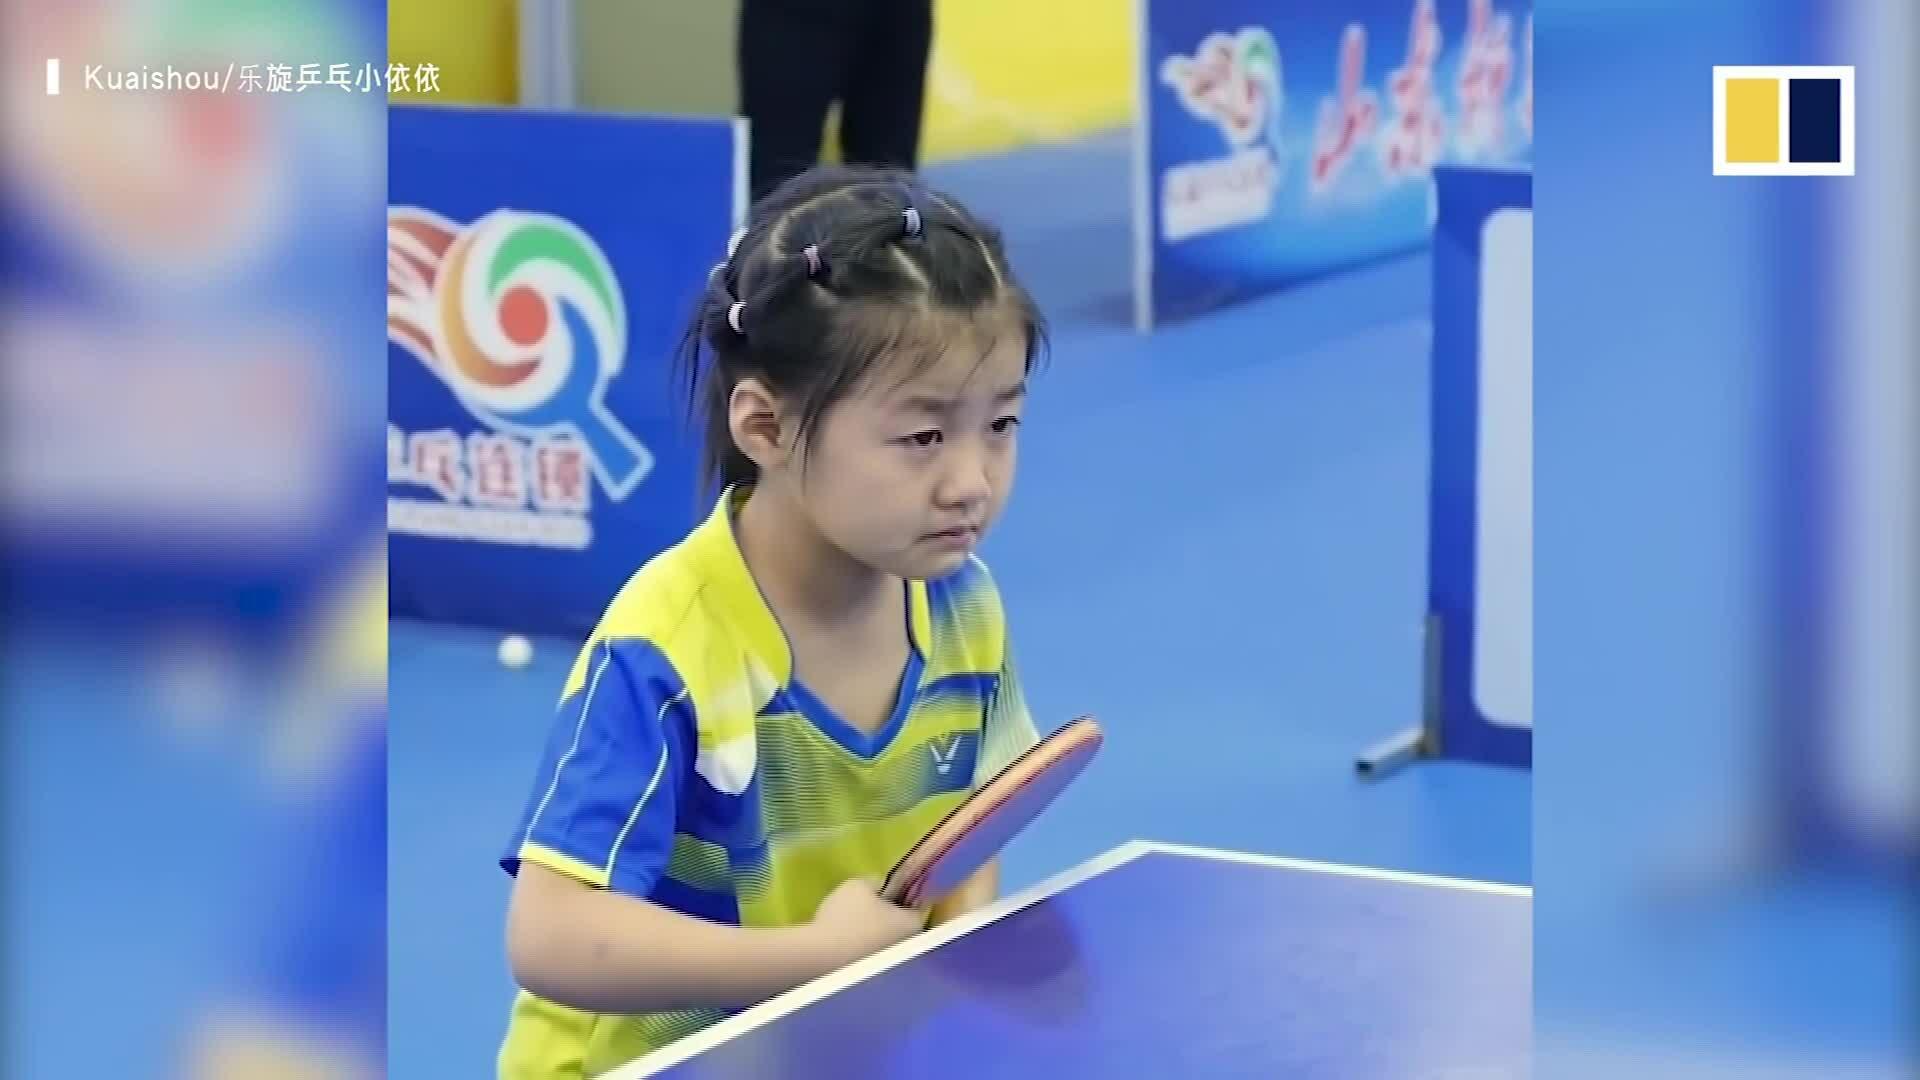 Cô bé có 3 triệu fan nhờ nỗ lực học chơi bóng bàn